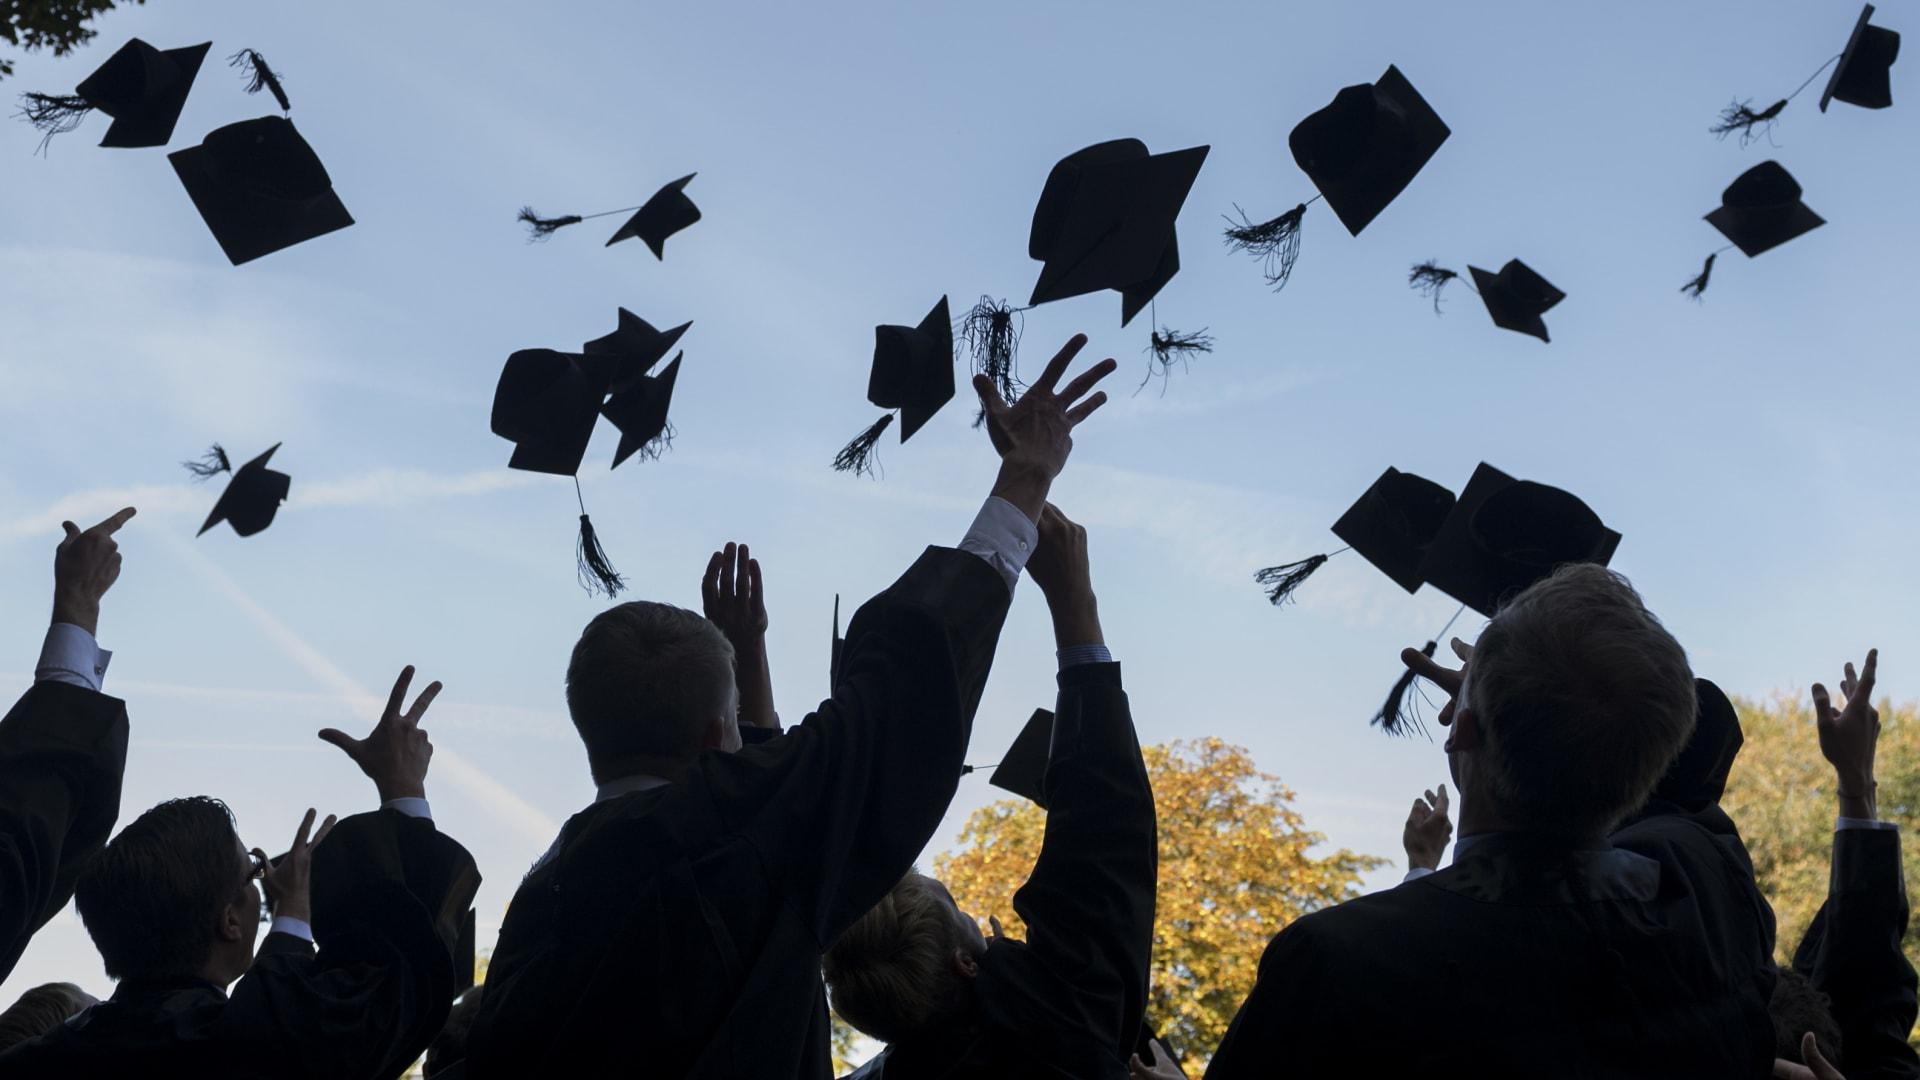 توفر نقلة نوعية بالتعليم.. جامعة تمثل حلاً لأزمة التعليم لدى اللاجئين والمتضررين من كورونا